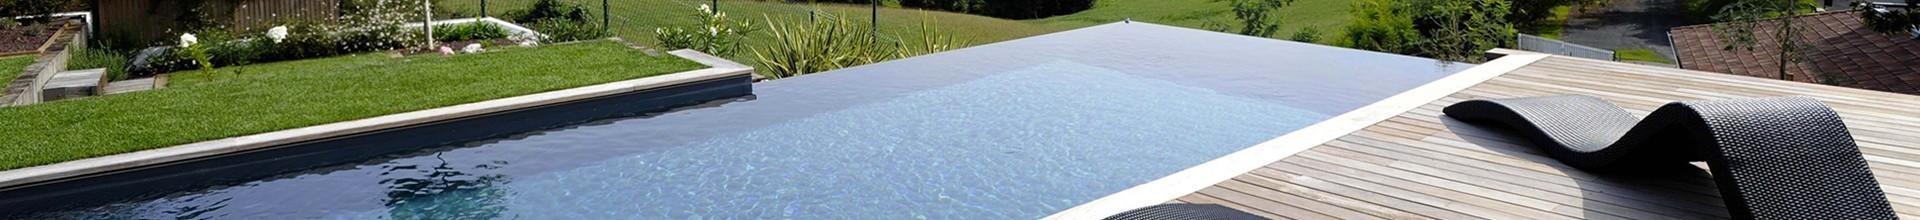 Grand Est Haut-Rhin conception d'une piscine révolutionnaire